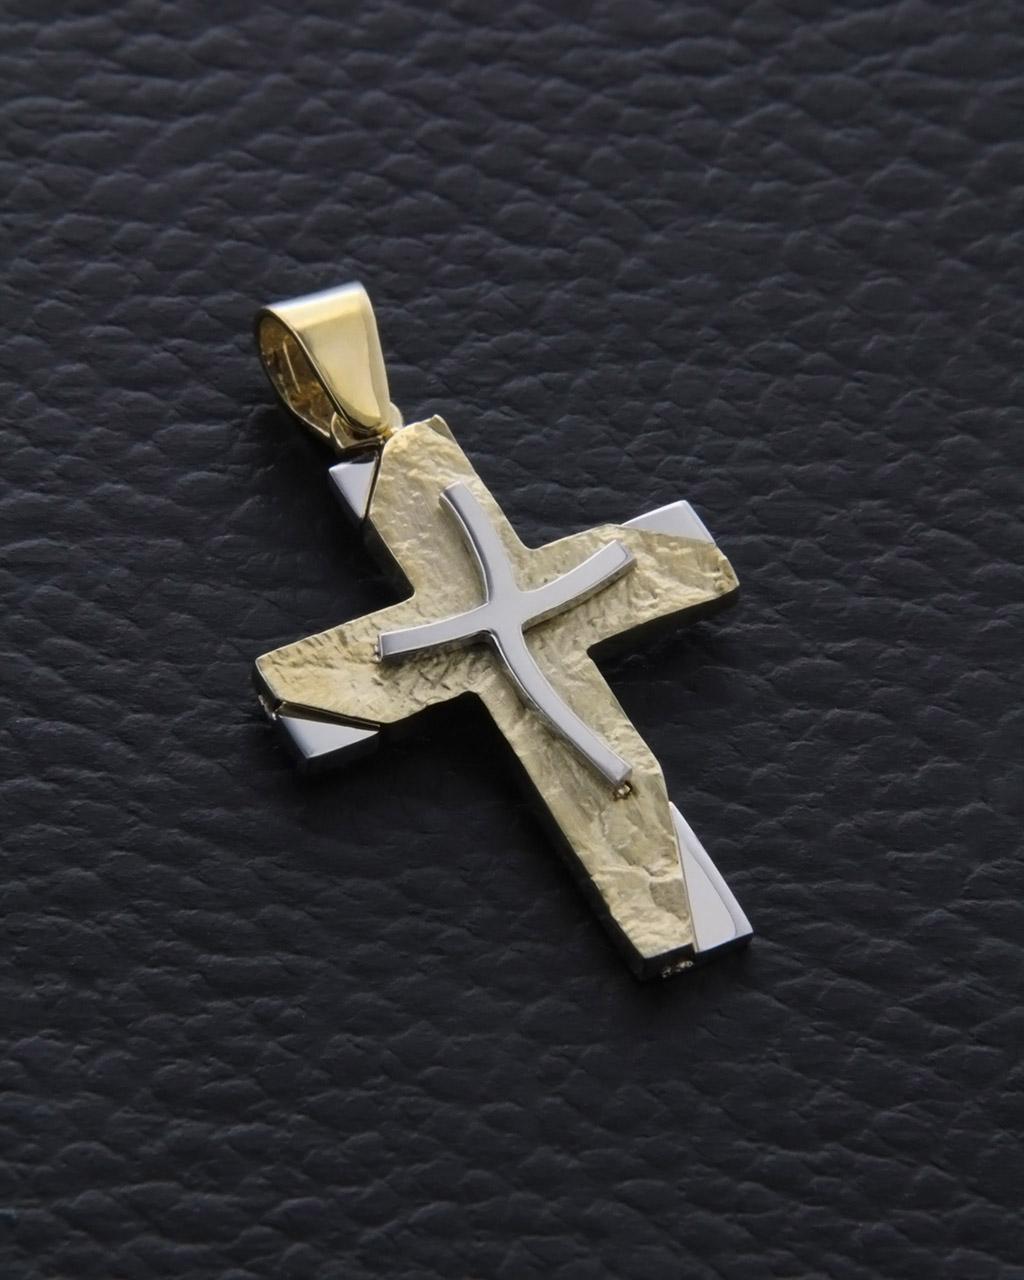 Σταυρός βάπτισης χρυσός & λευκόχρυσος Κ14   παιδι βαπτιστικοί σταυροί βαπτιστικοί σταυροί για αγόρι